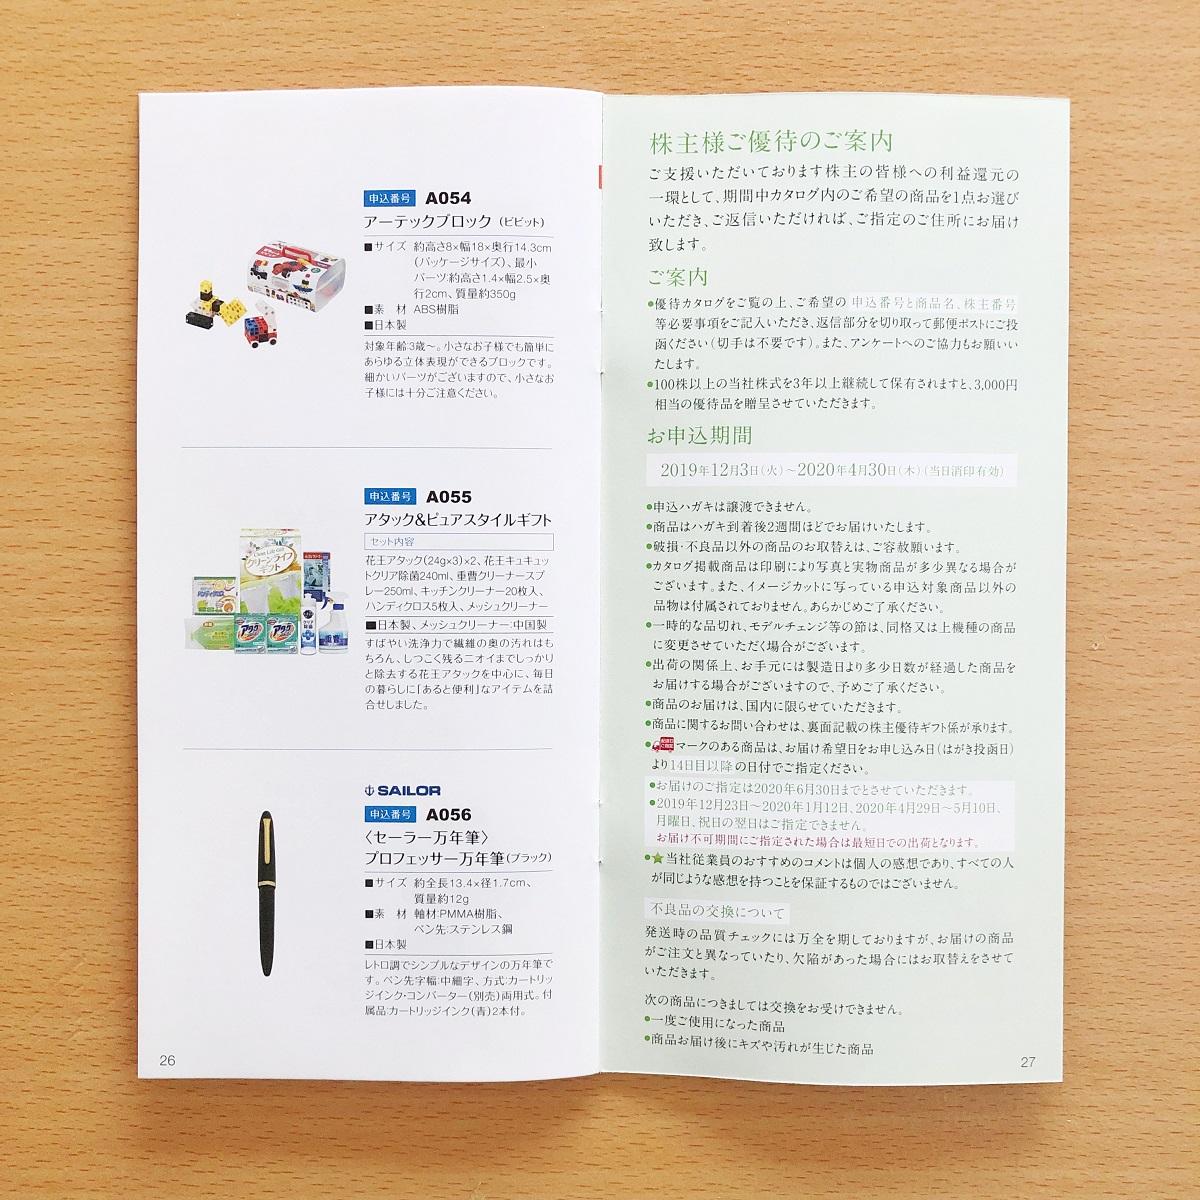 日本管財カタログ⑬ 株主優待 2019年9月 2,000円